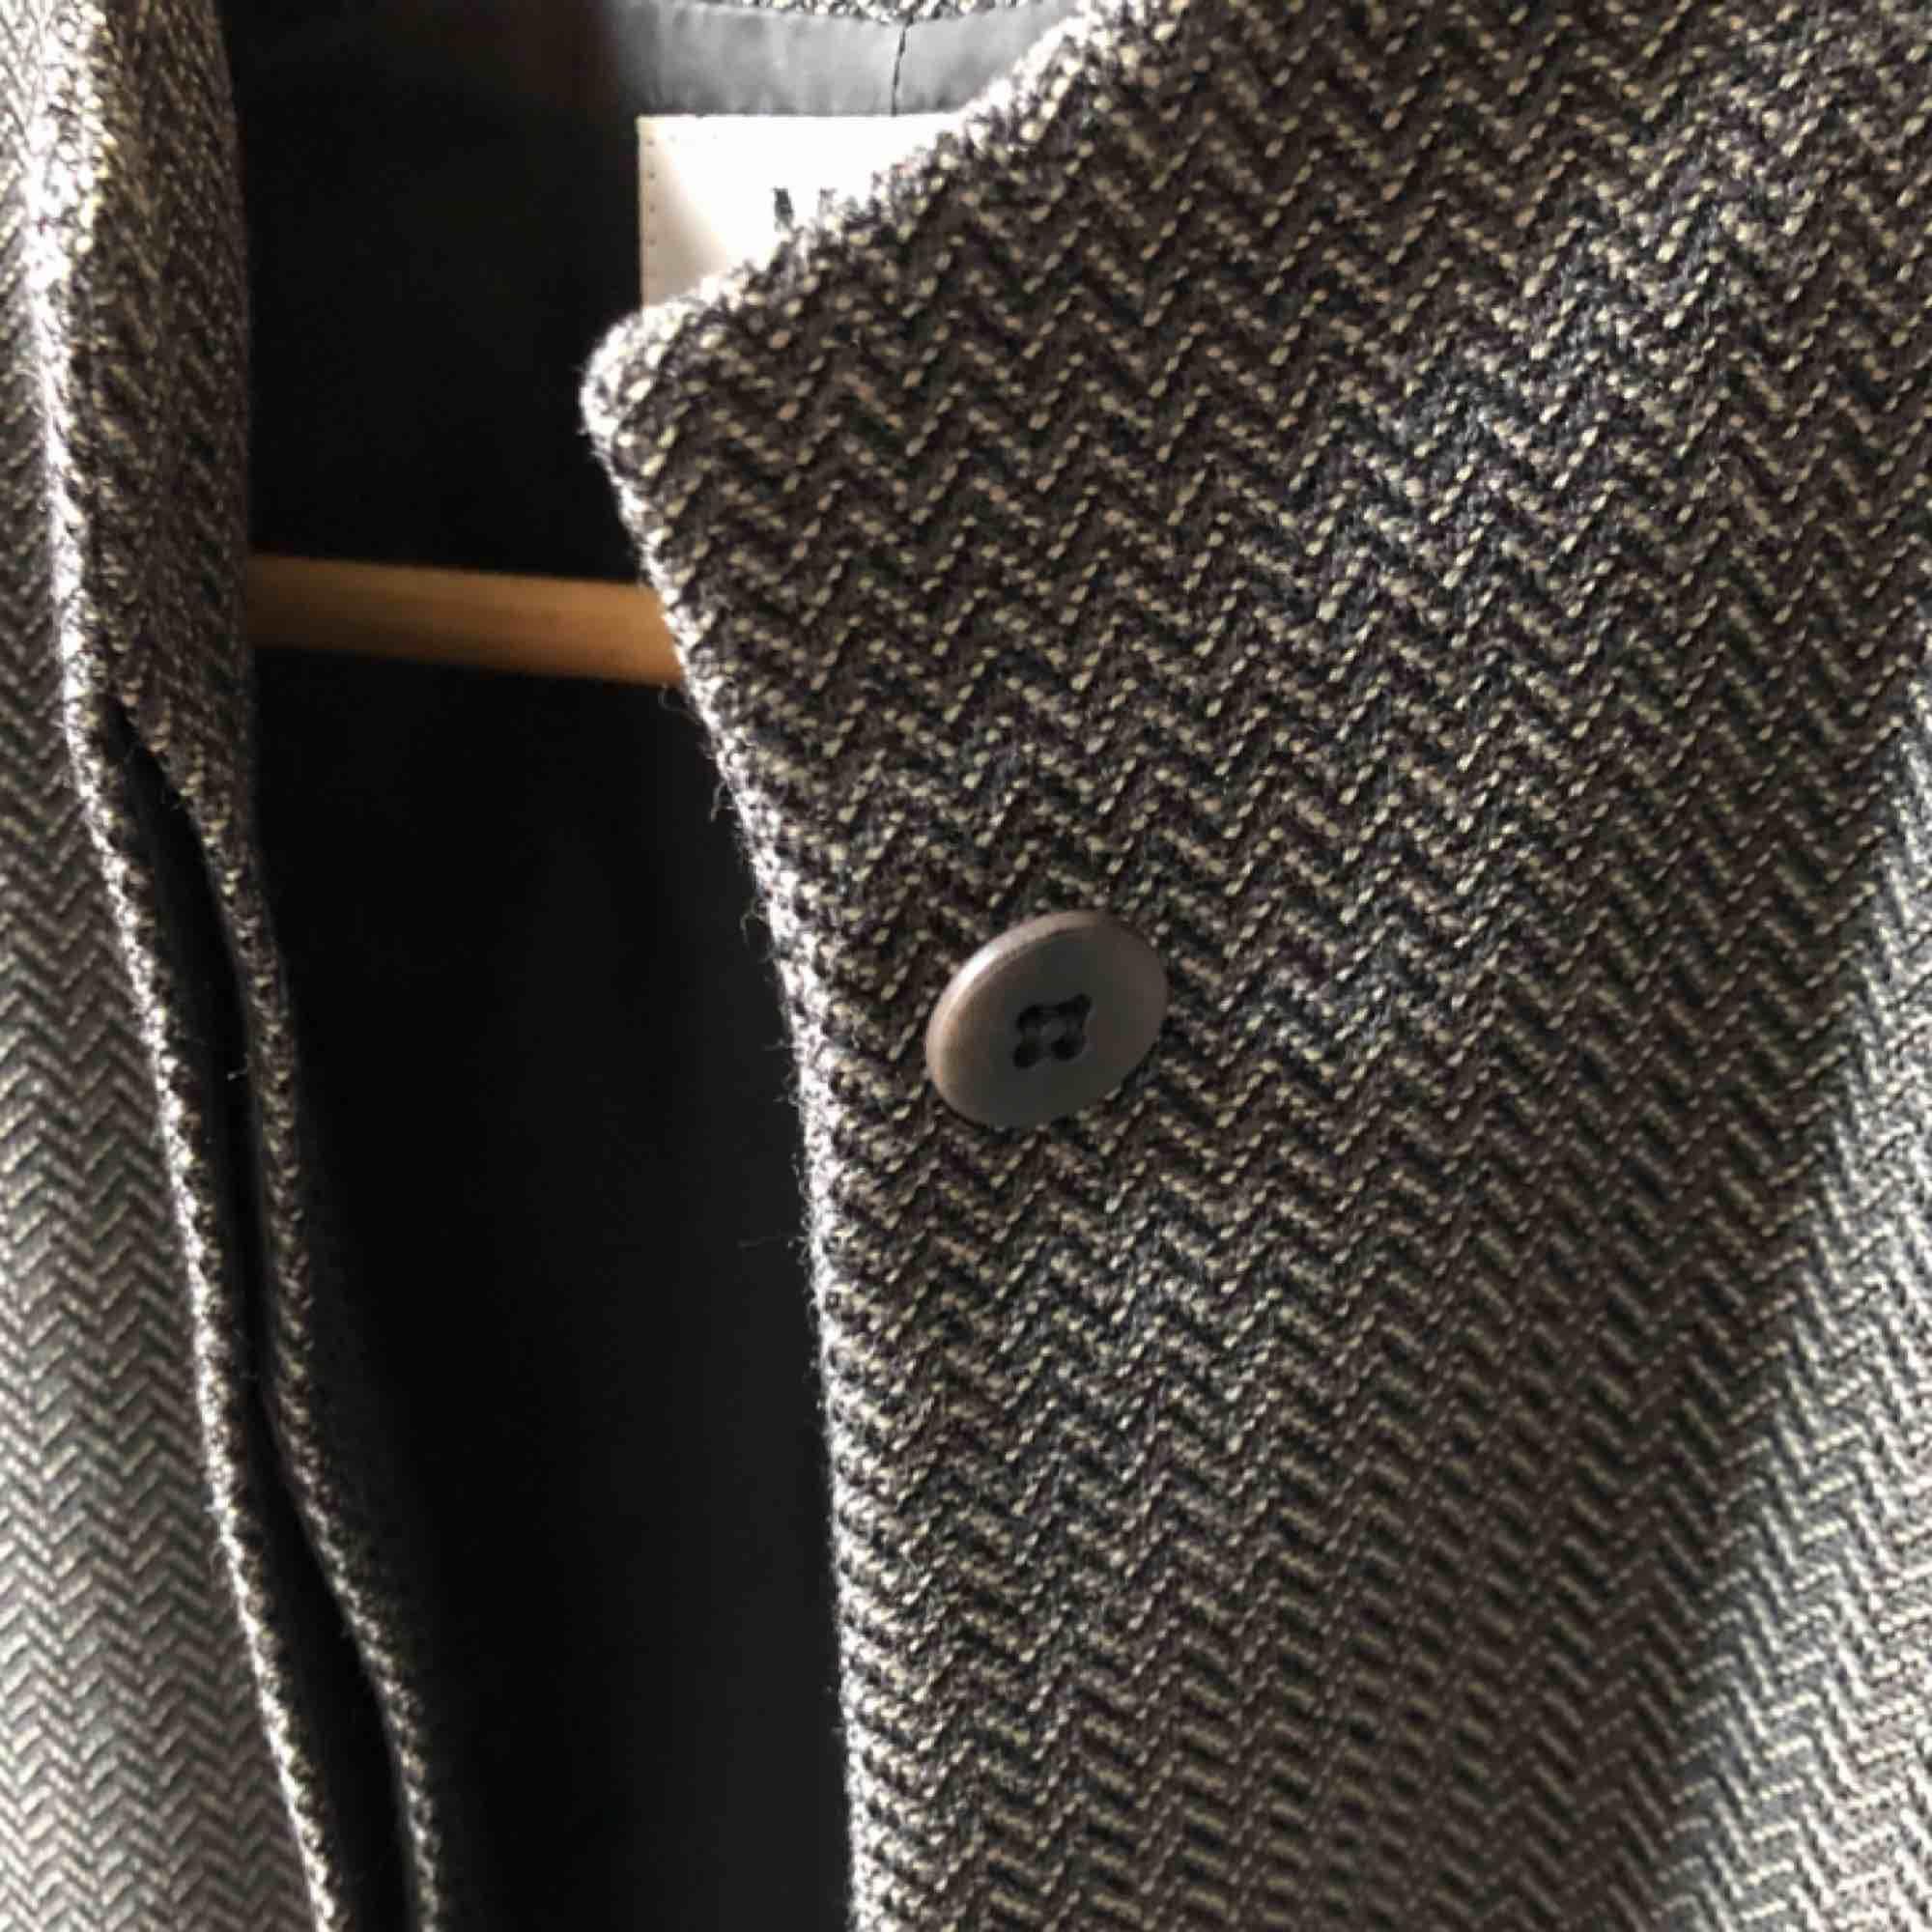 MANI by Armani jacka, köpt i fine selected vintagebutik för 1200kr - tidlös och värdefull, kommer bara öka i värde! Gjord i Italien. Sitter som en smäck, kan användas både som jacka och kavaj. Mycket bra skick!!!. Kostymer.